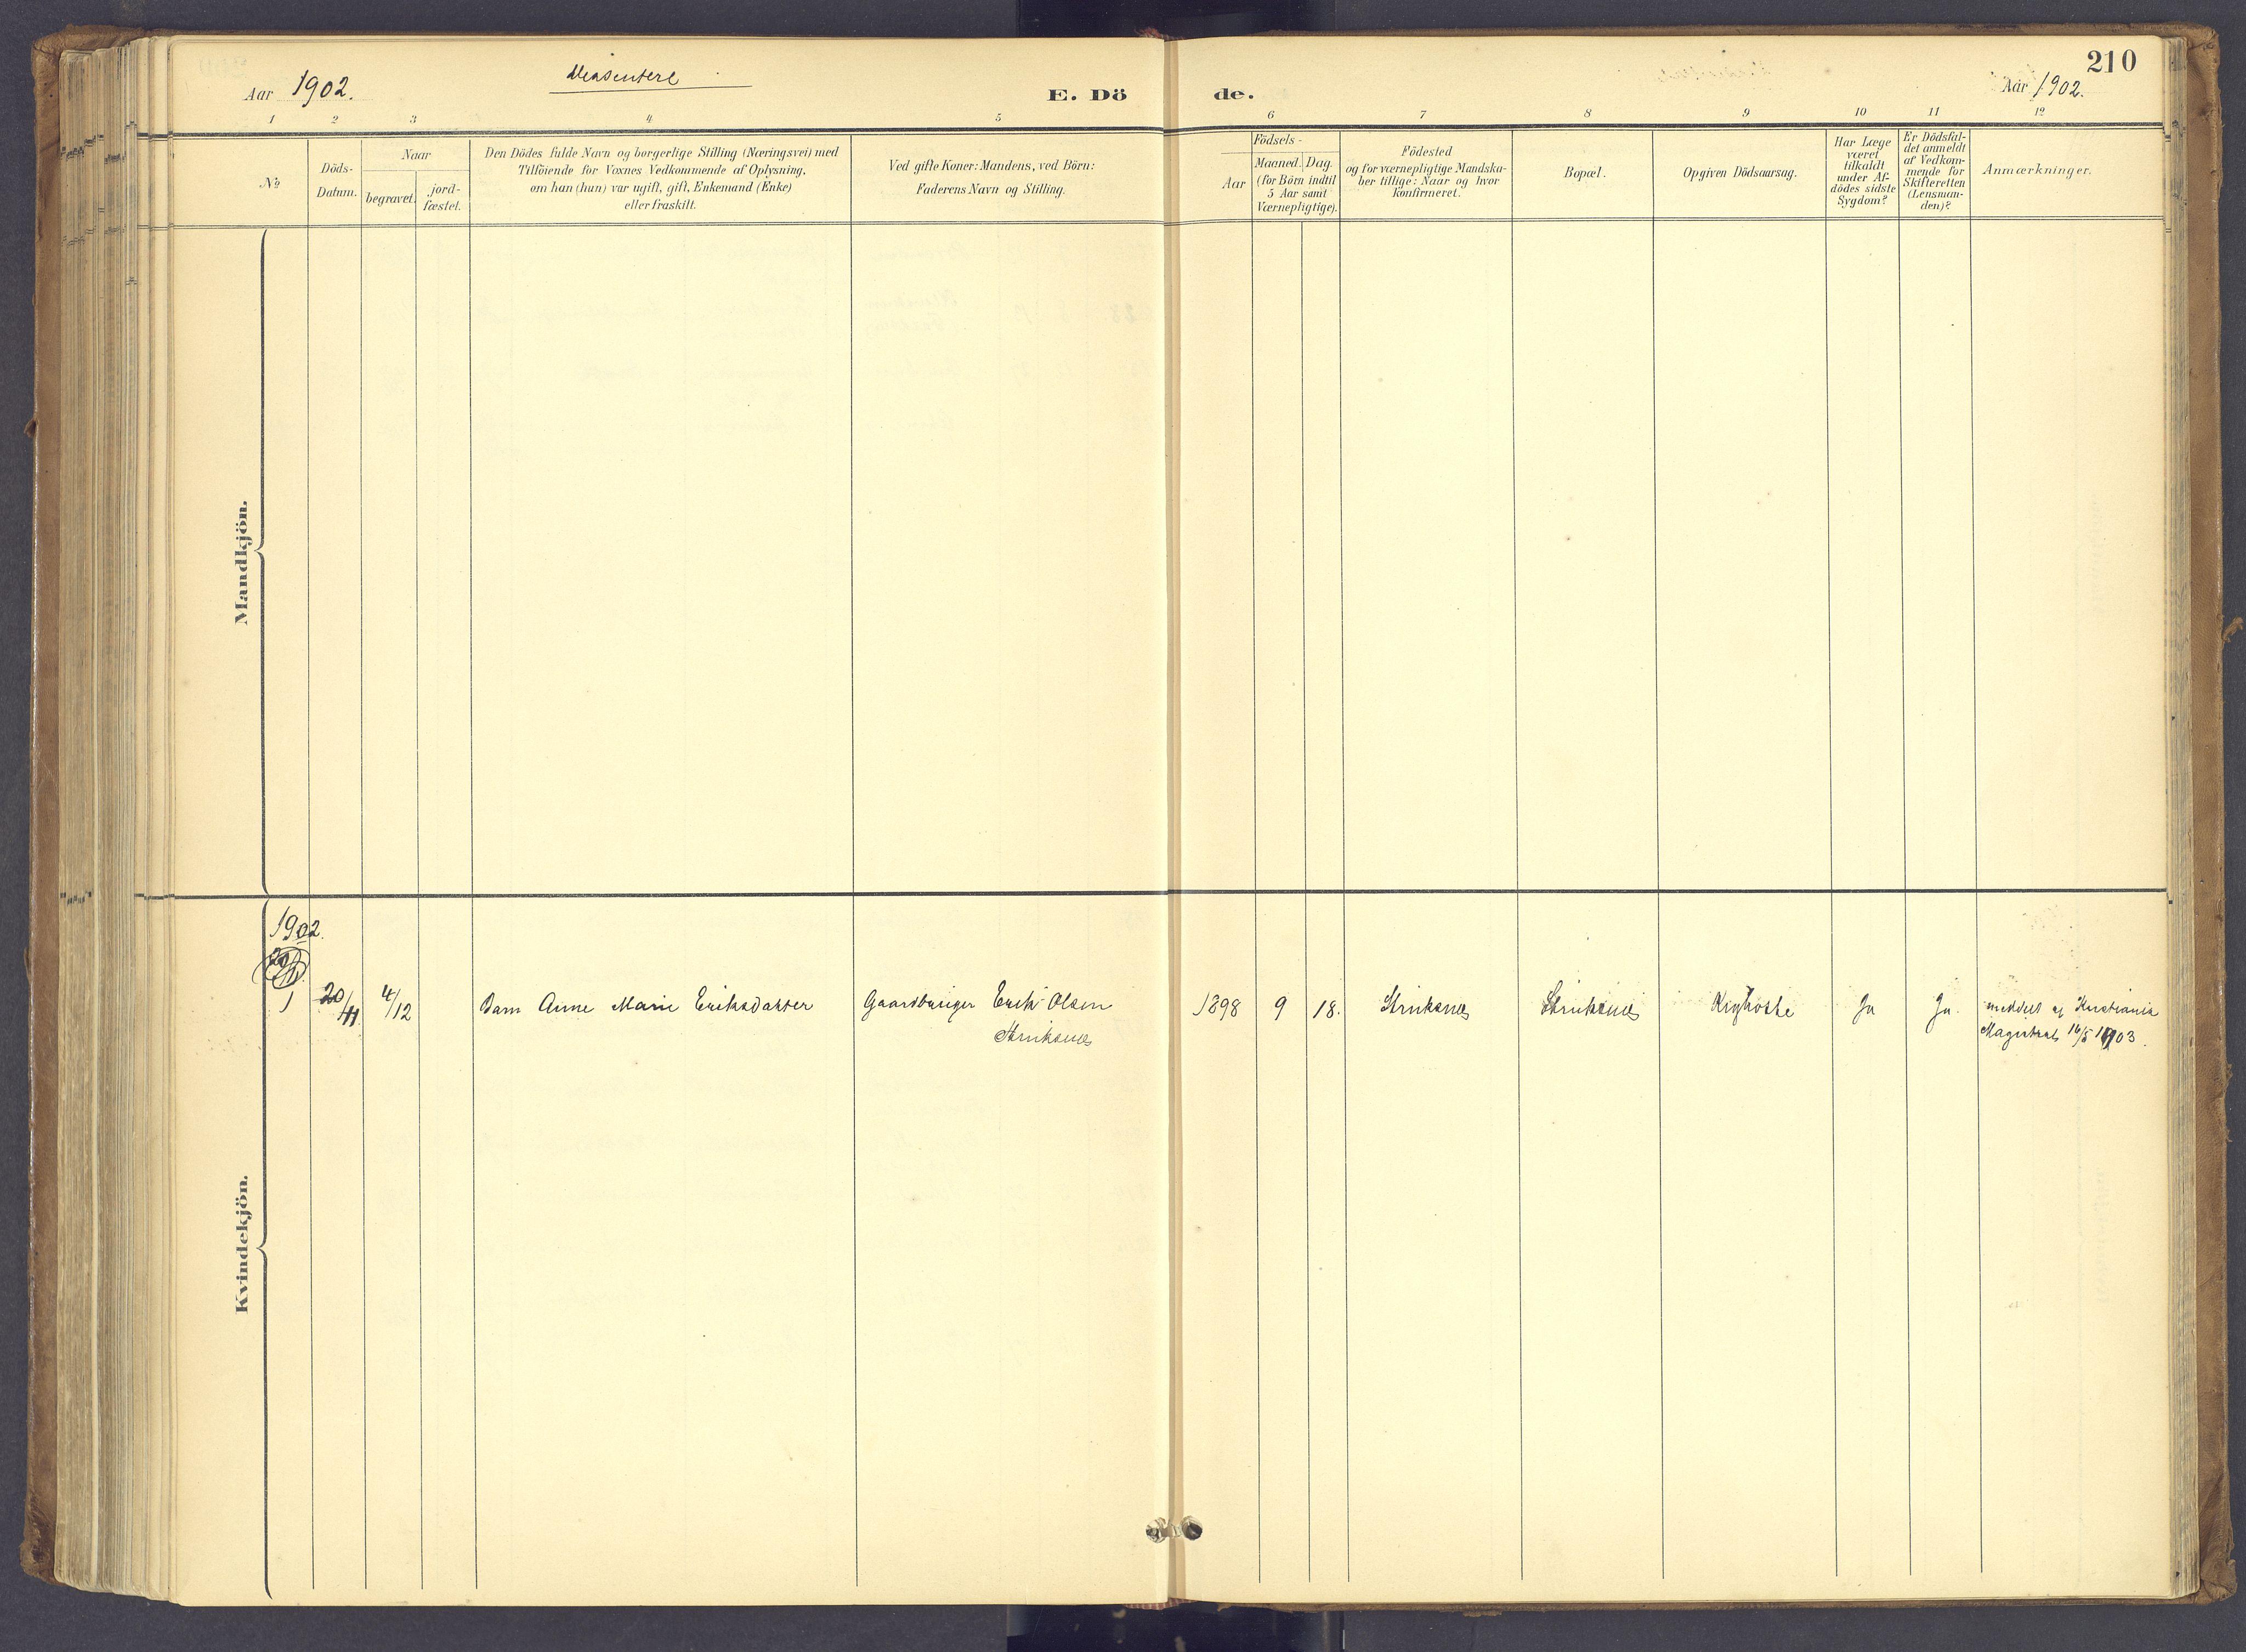 SAH, Søndre Land prestekontor, K/L0006: Ministerialbok nr. 6, 1895-1904, s. 210